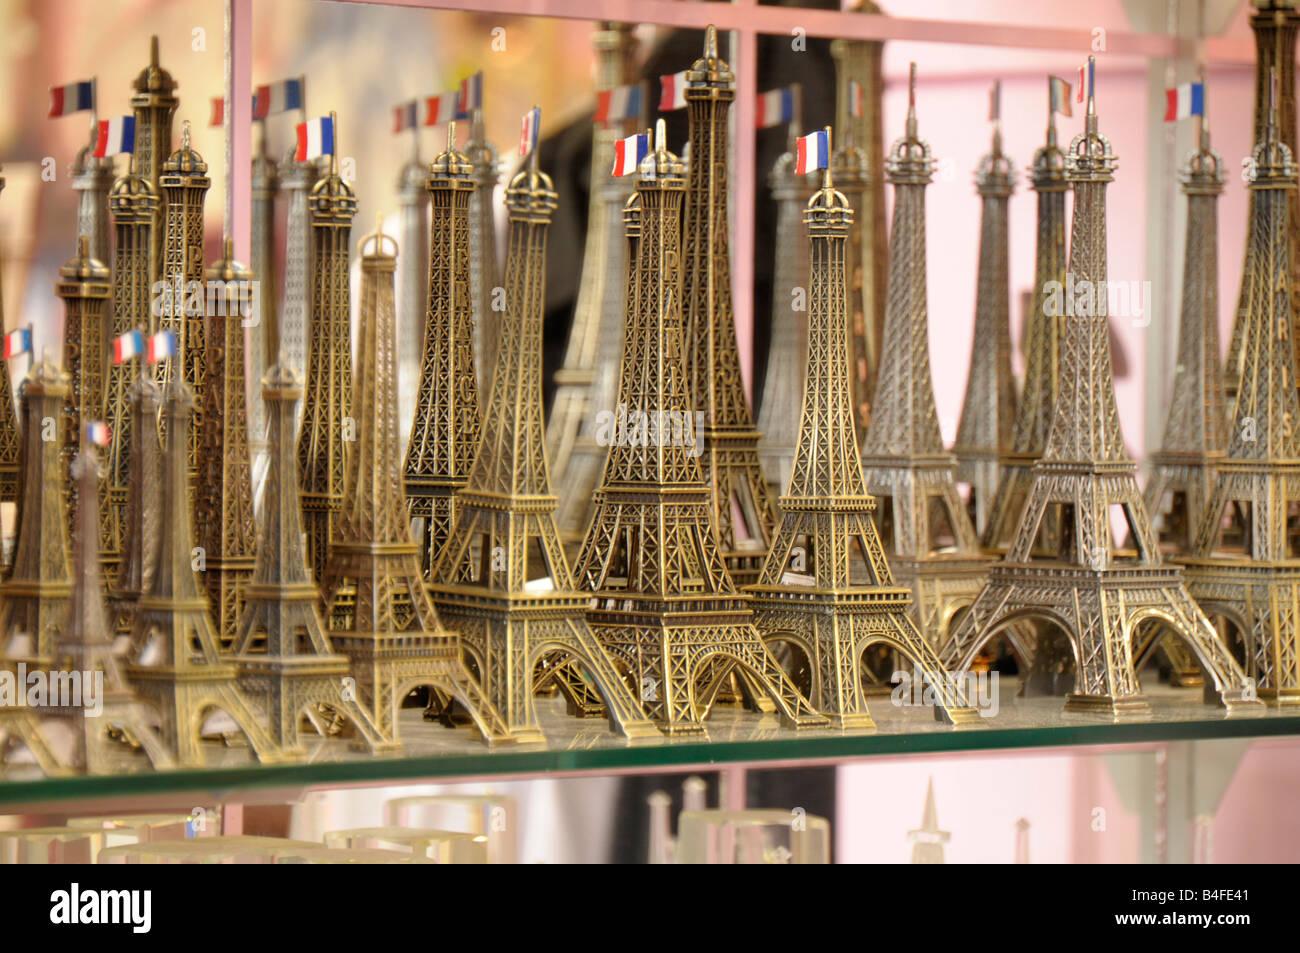 miniature Eiffel Tower in a souvenir shop in Paris France